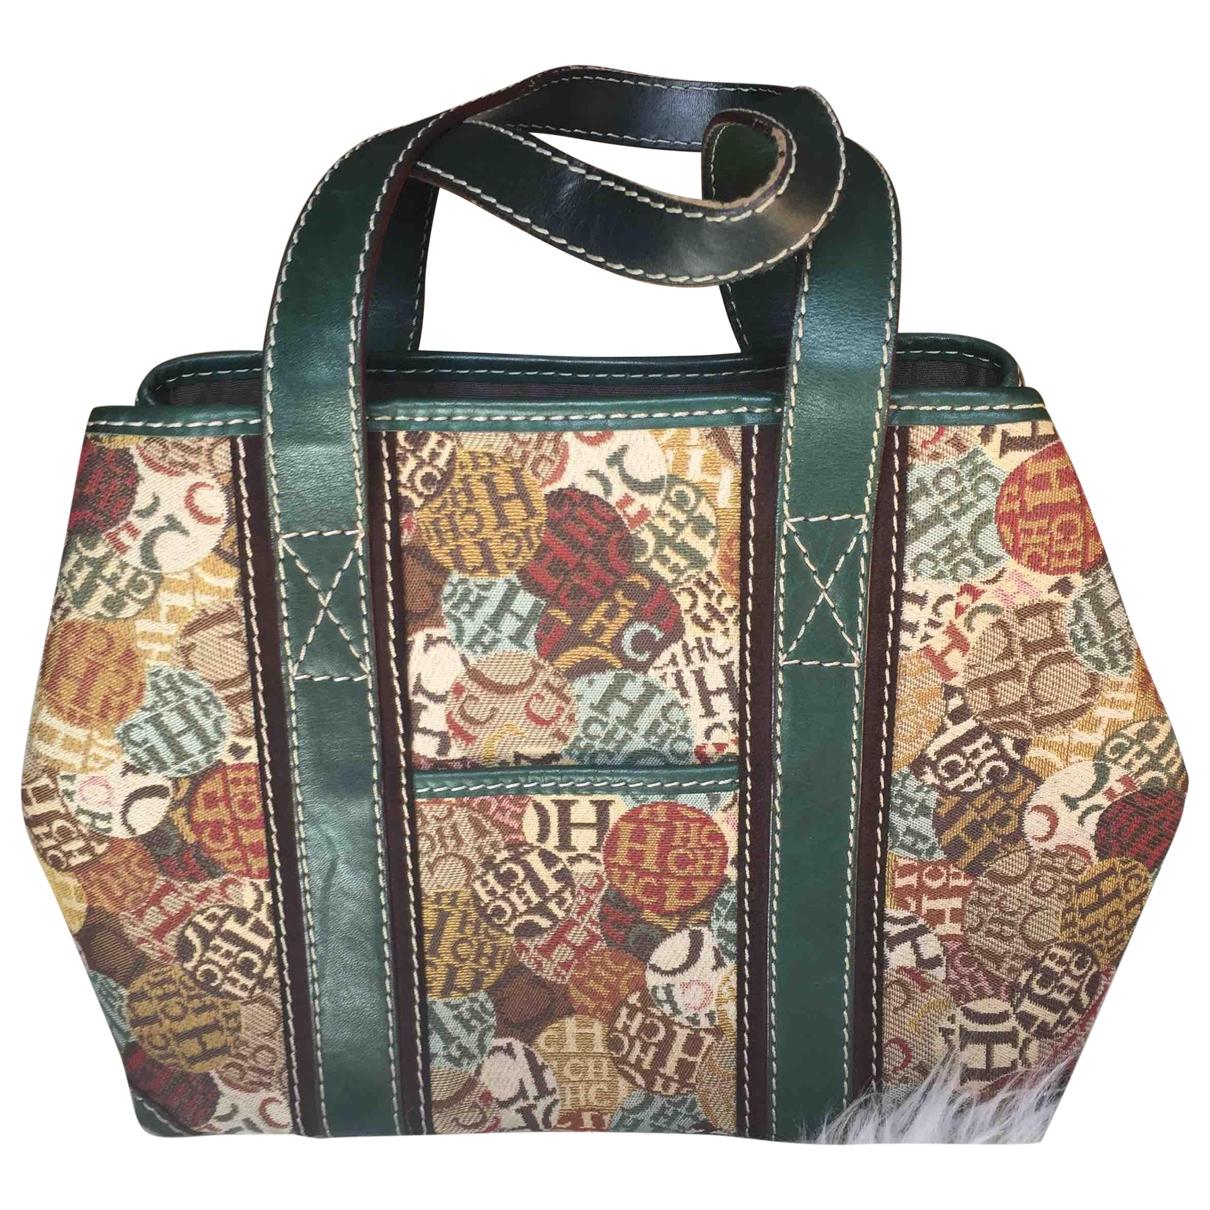 Carolina Herrera \N Handtasche in  Gruen Leinen